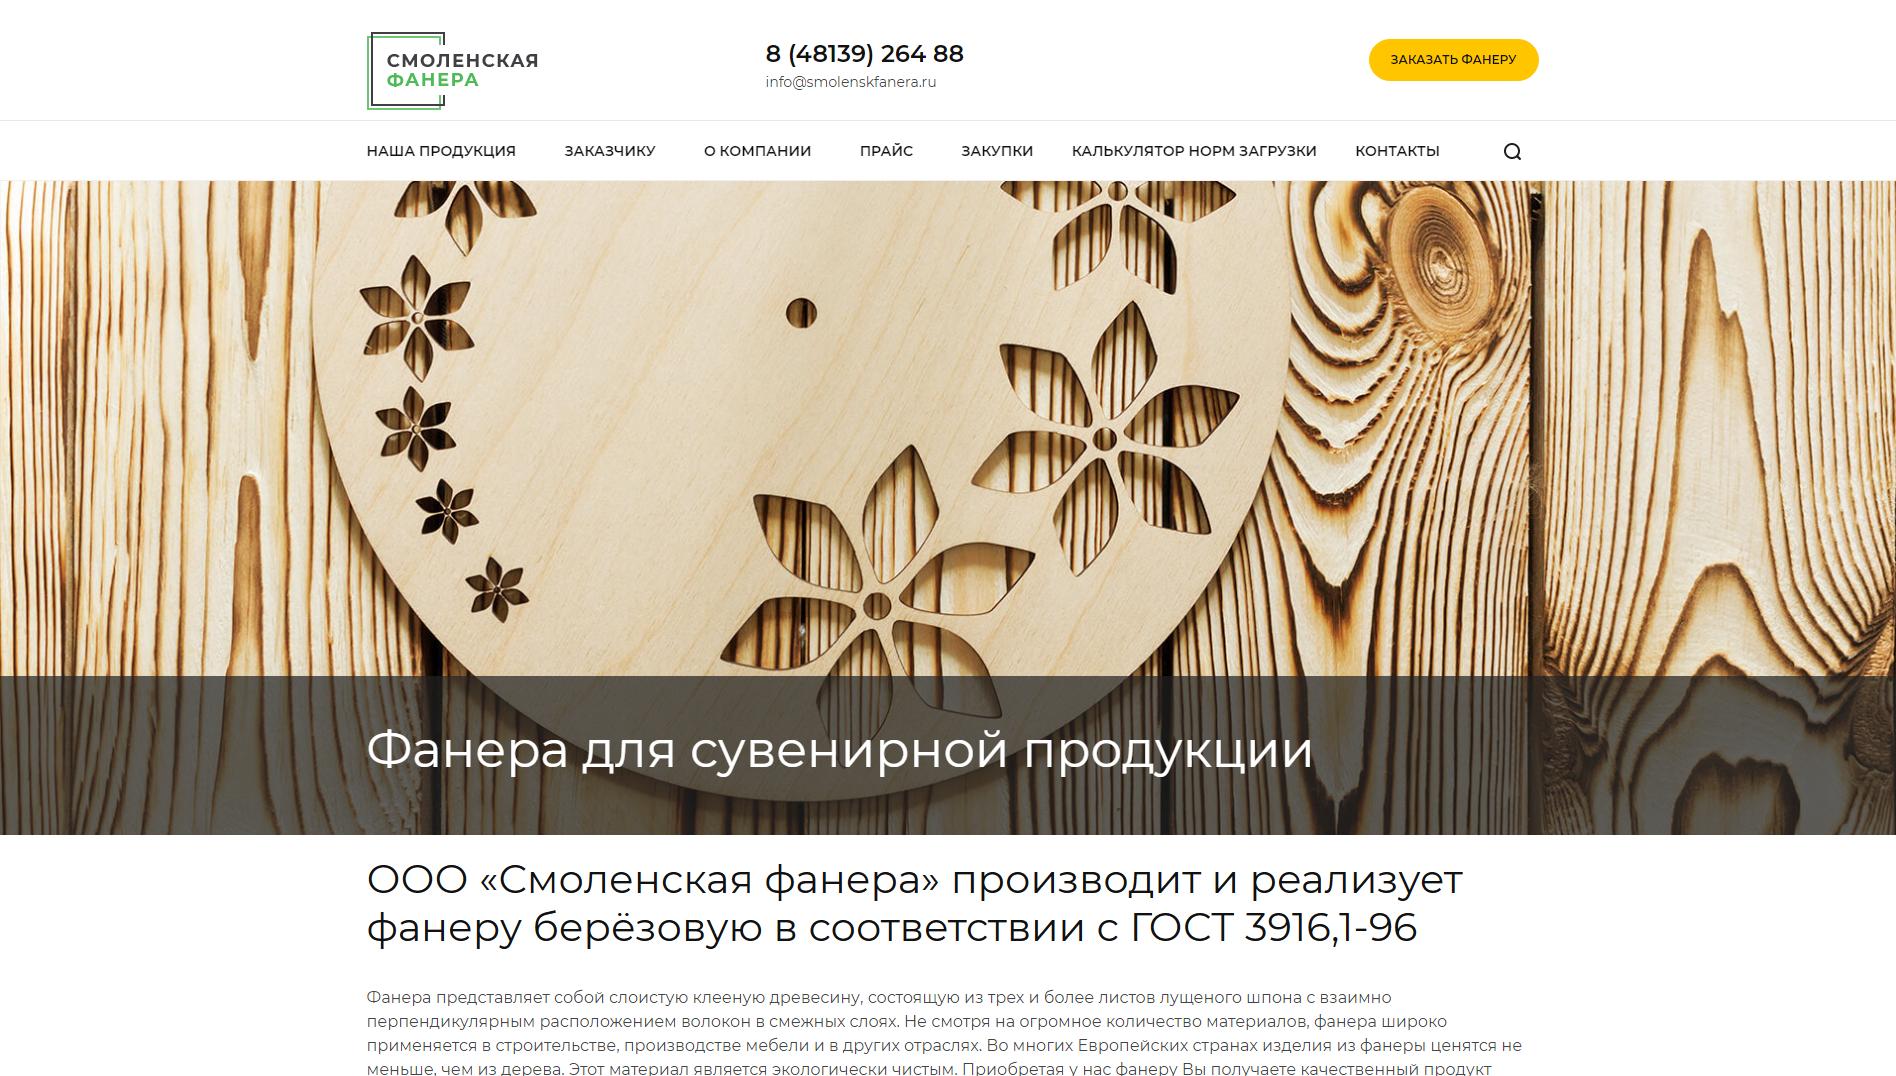 Разработка сайта для компании производителя фанеры